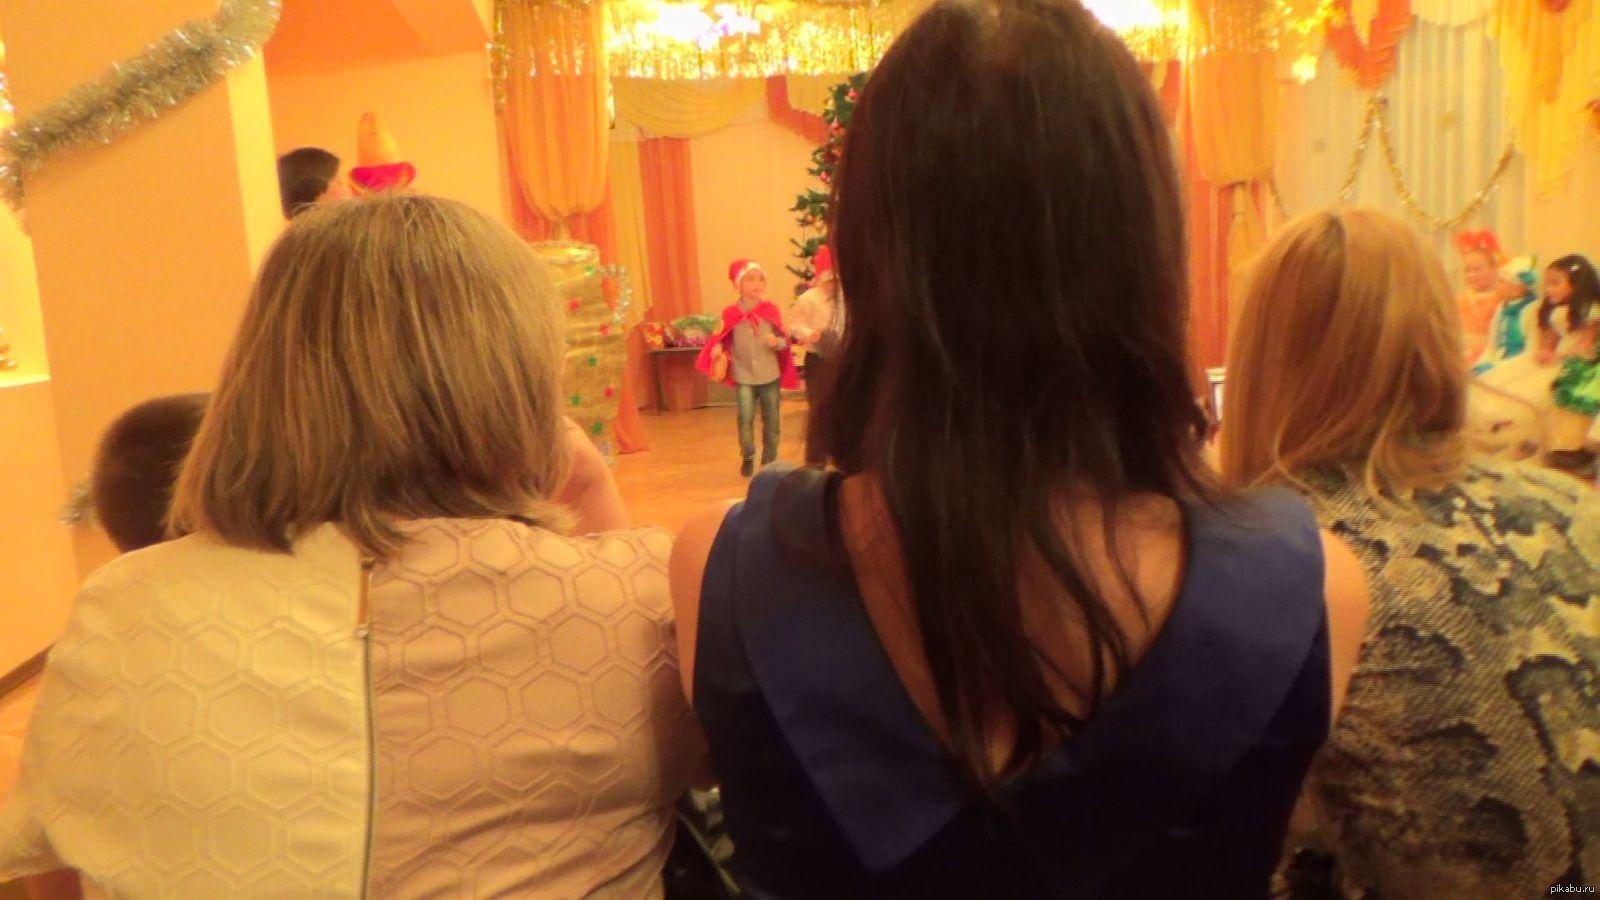 Попросил жену снять утренник дочки....Вот, что из этого вышло)))) Фото из видео, которое практически все такое))))